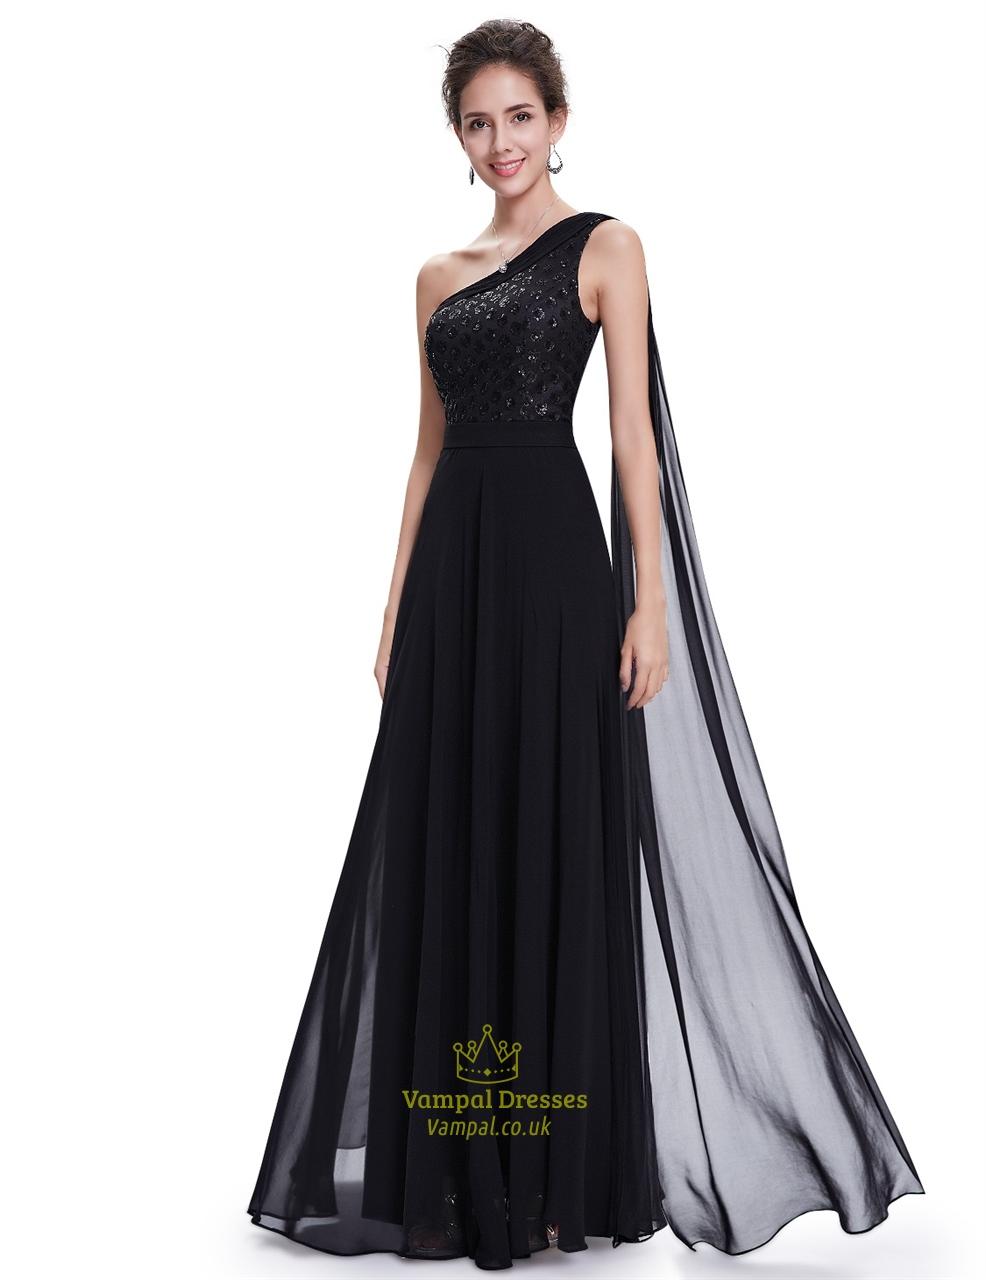 Black one shoulder prom dresses